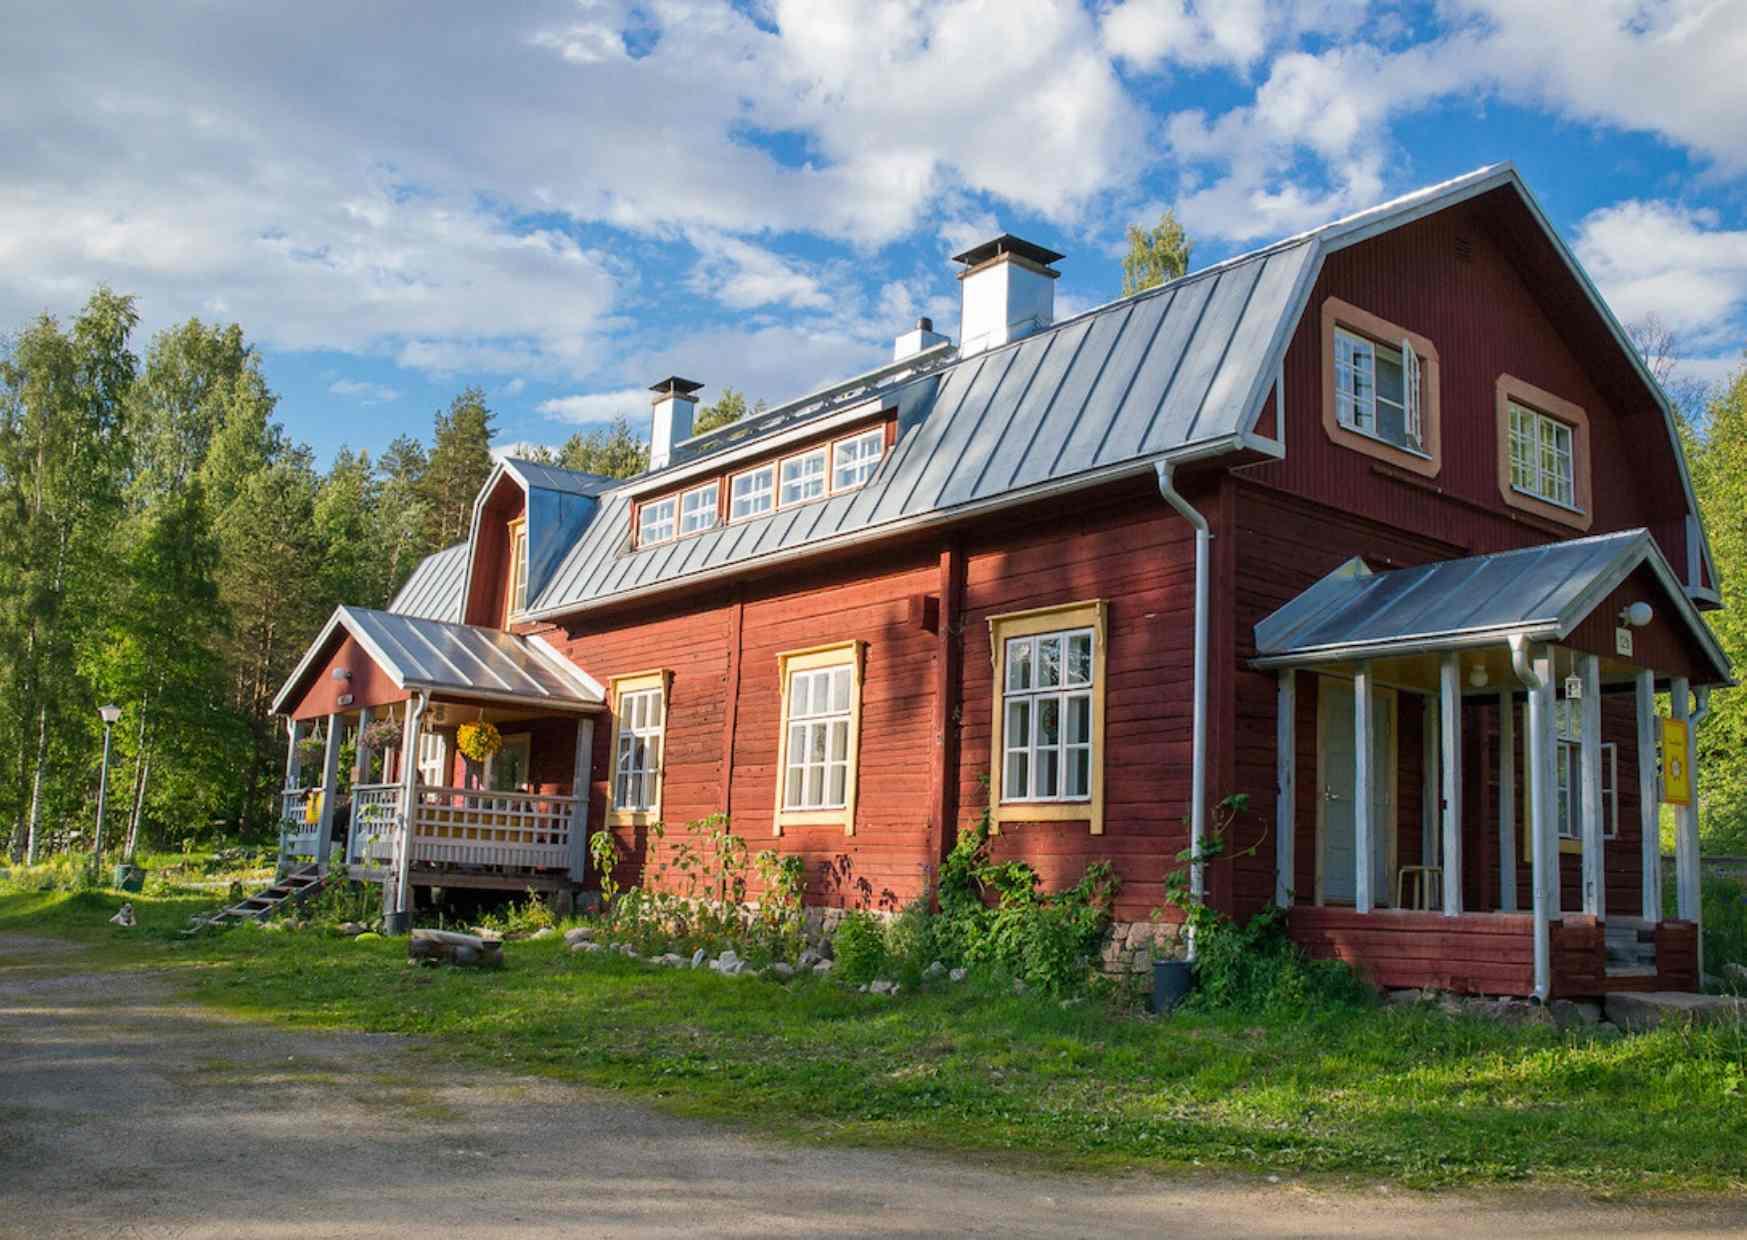 majoitus suomessa